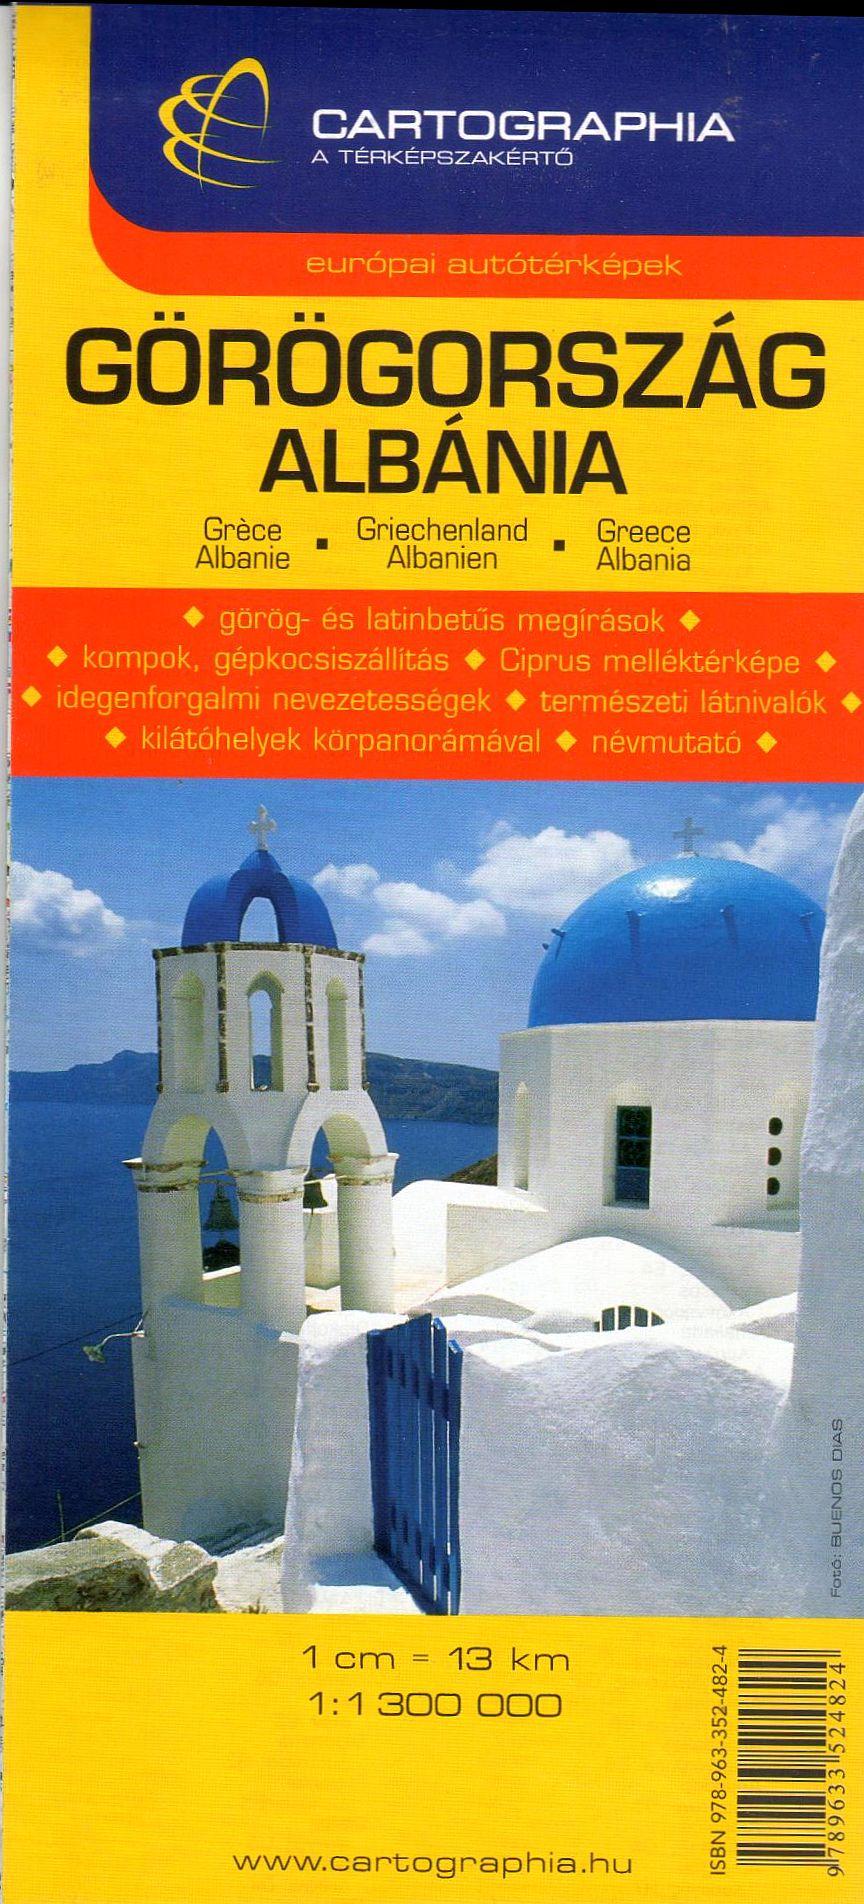 Görögország, Albánia autótérképe turista információkkal, névjegyzékkel, latin- és görög betűs városnevekkel Ciprus melléktérképpel